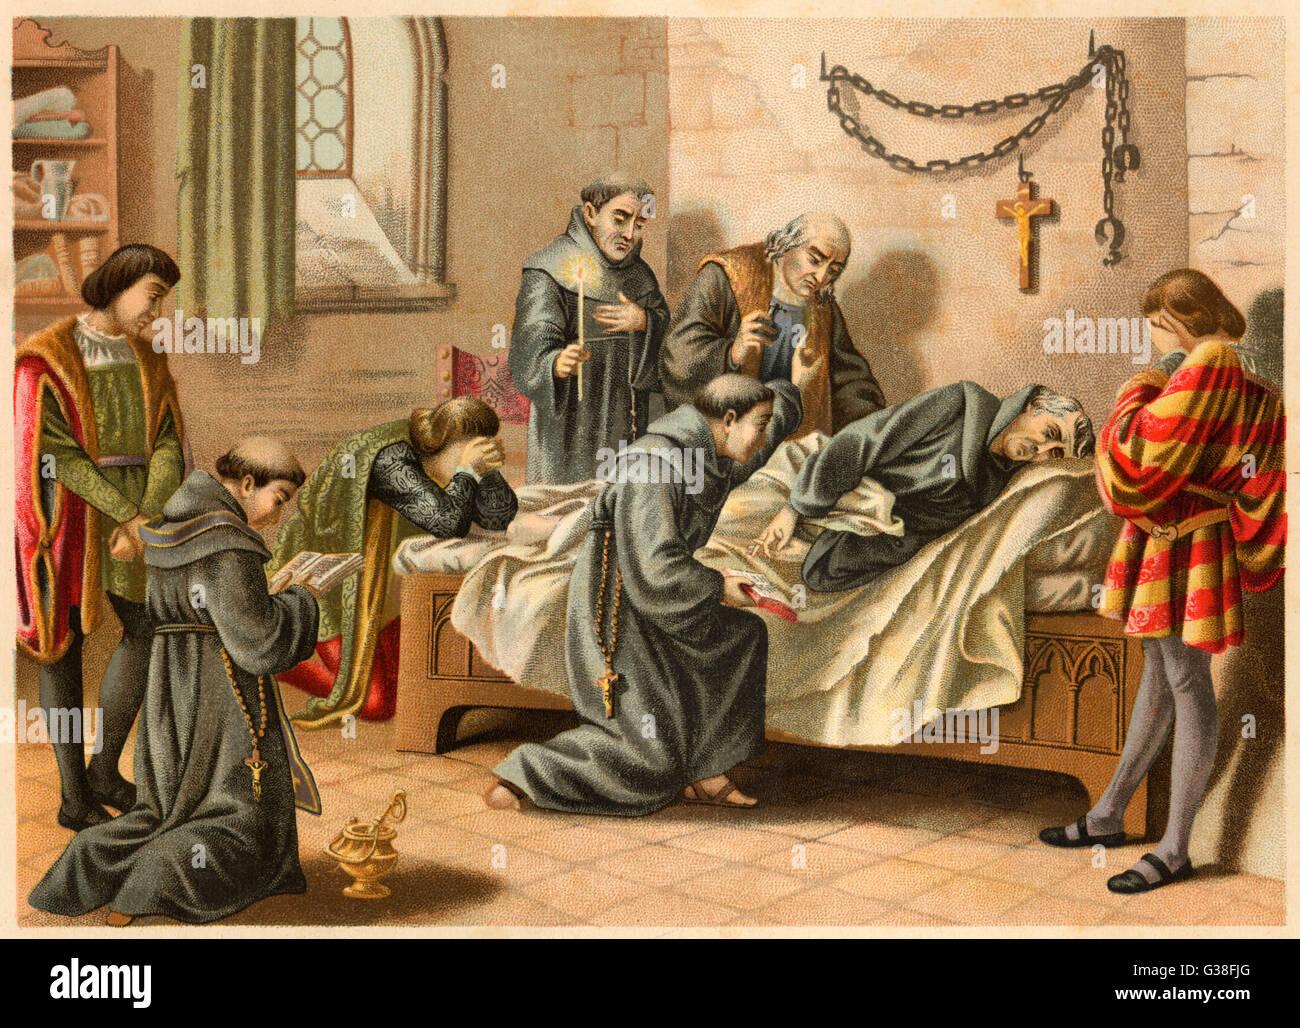 Columbus muore a Valladolid. Data: 19 Maggio 1506 Immagini Stock